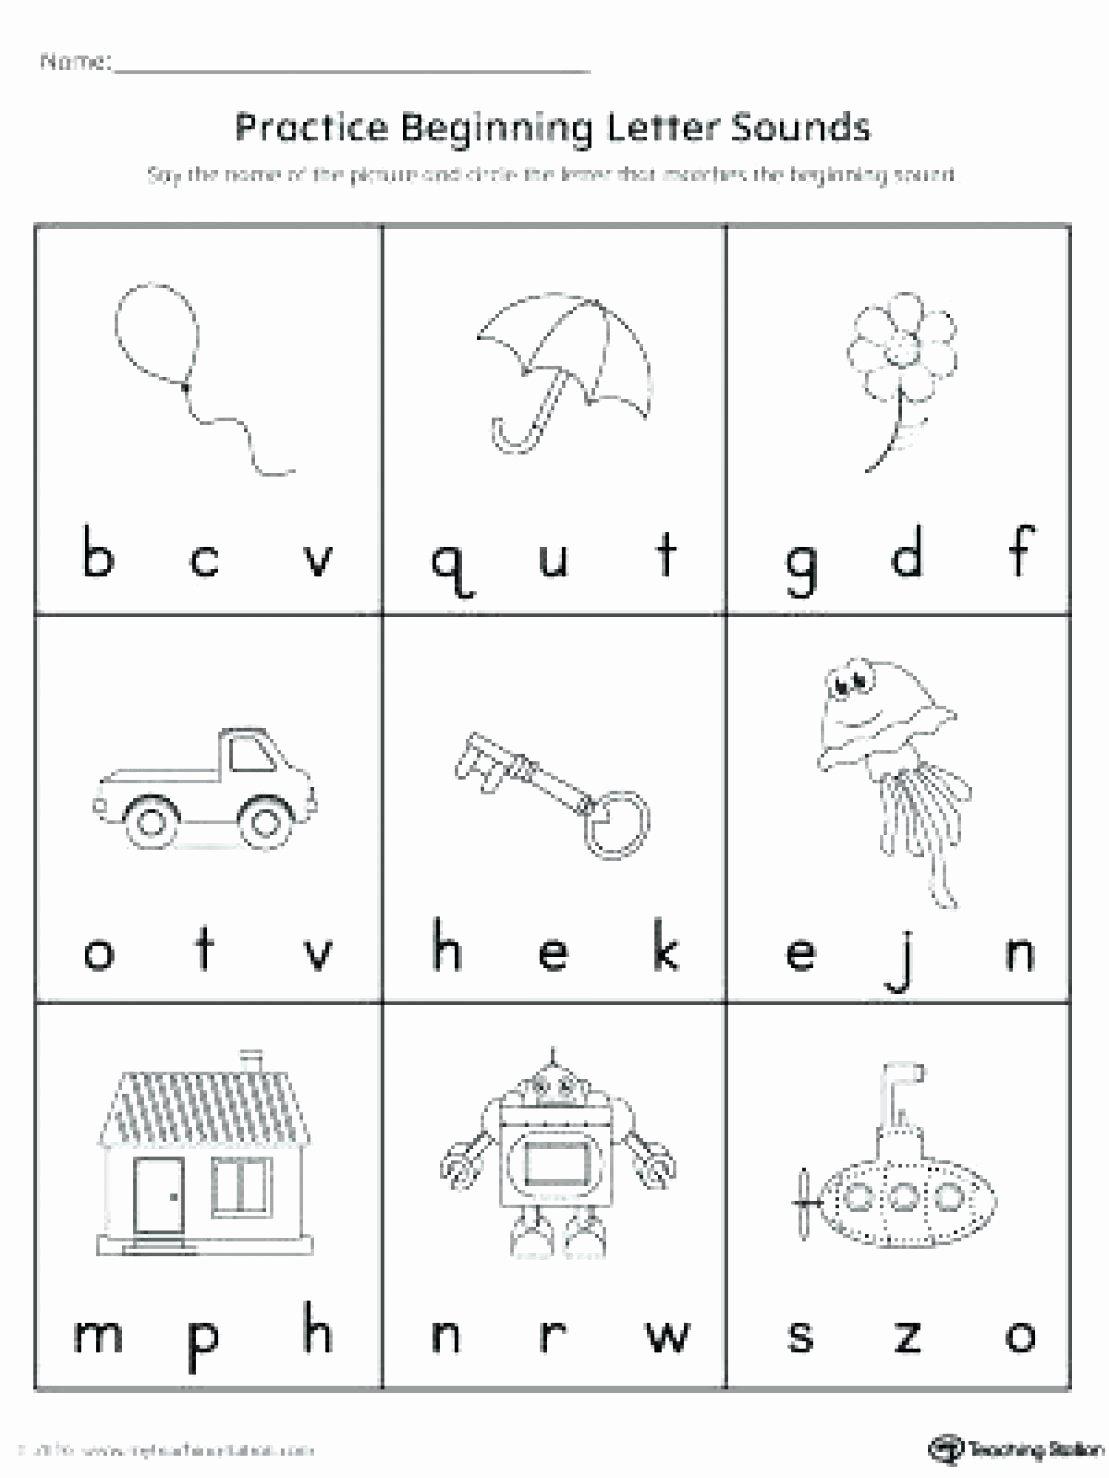 Letter sound Worksheets for Preschoolers Beautiful Letter sound Worksheets for Free Download Letter sound